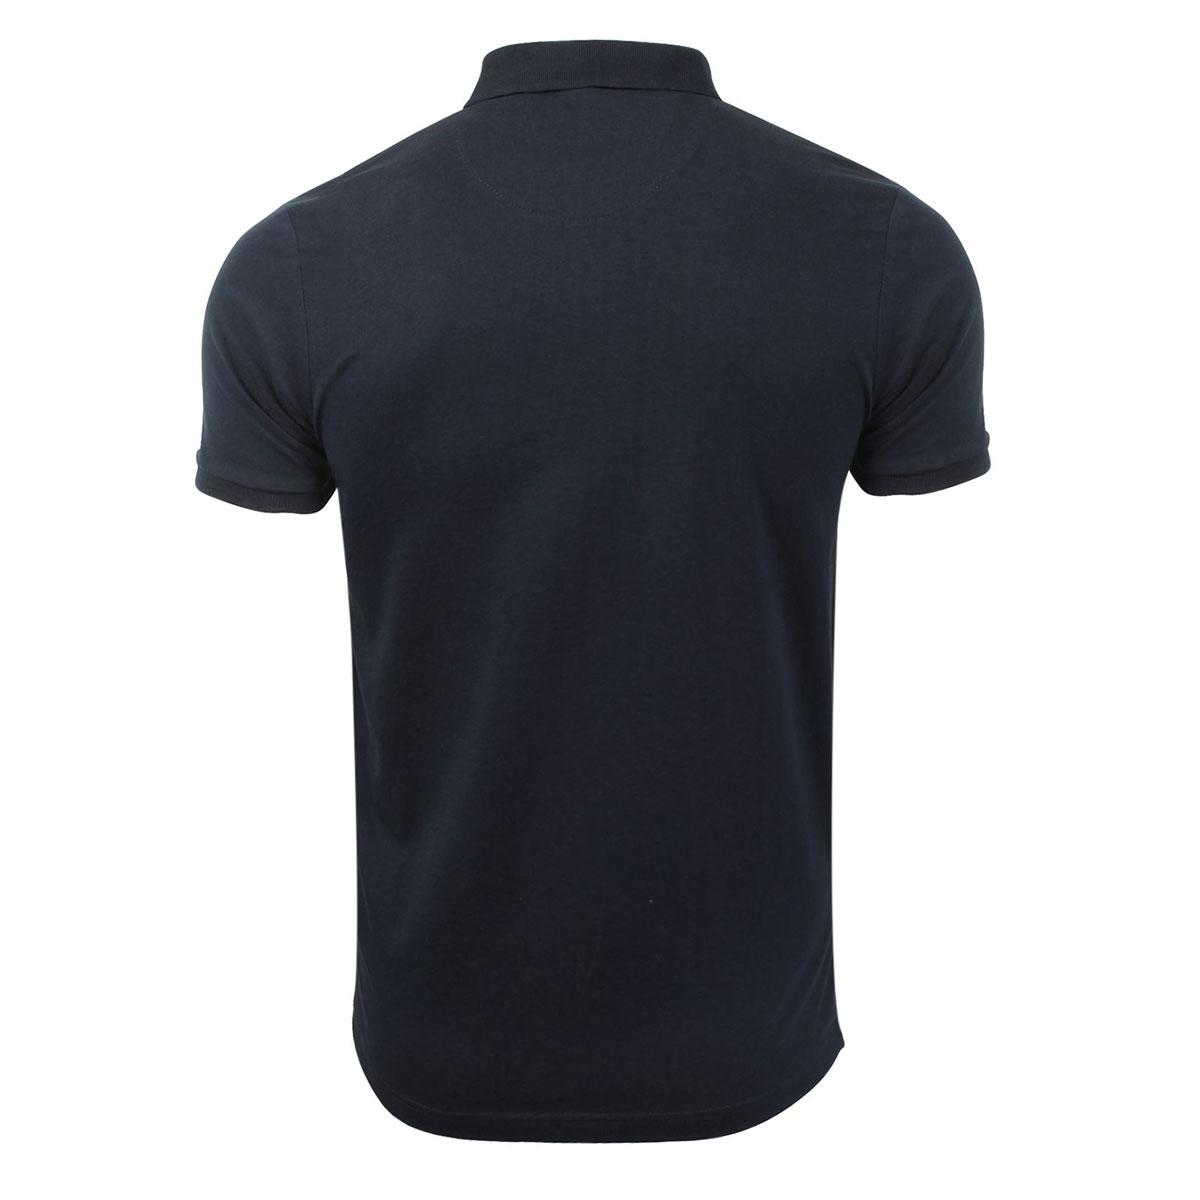 Brave-Soul-Hommes-Polo-T-Shirt-034-Julius-039-S-Coton-A-Col-Manches-Courtes-Haut-Decontracte miniature 15